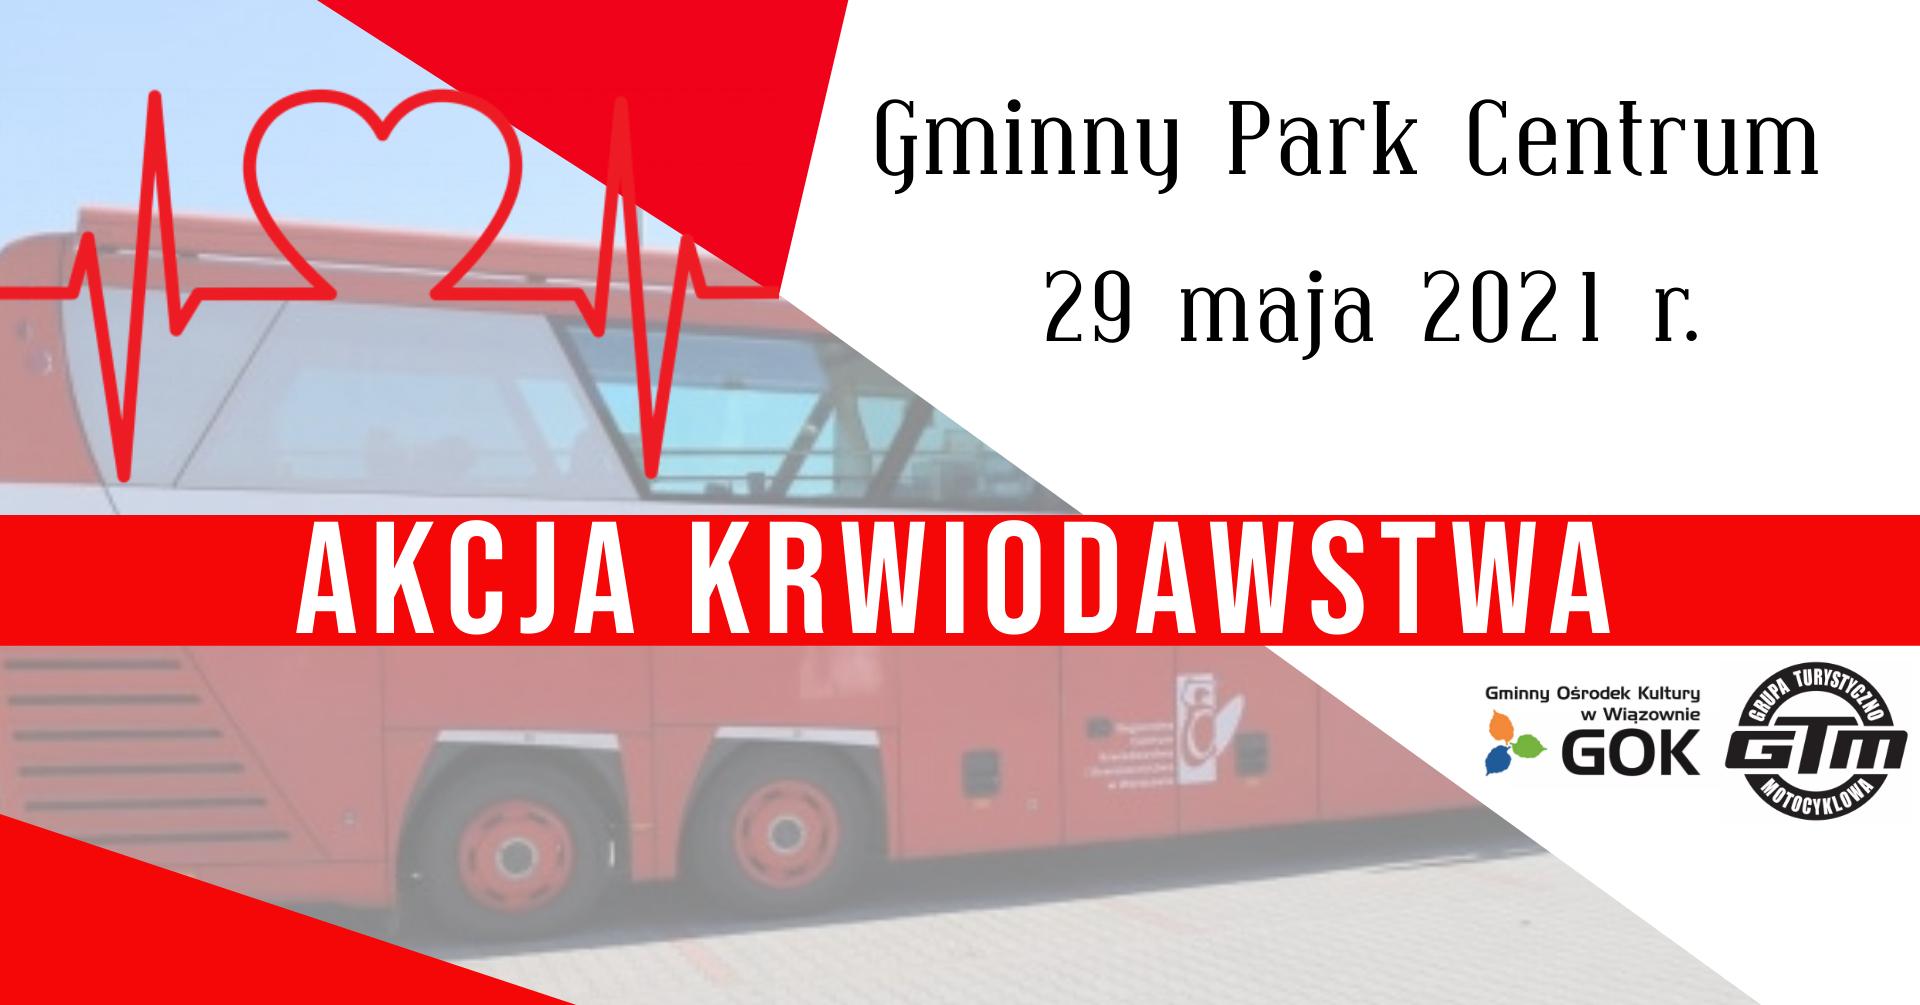 Plakat informujący o akcji krwiodawstwa w Gminnym Parku Centrum w Wiązownie 29 maja